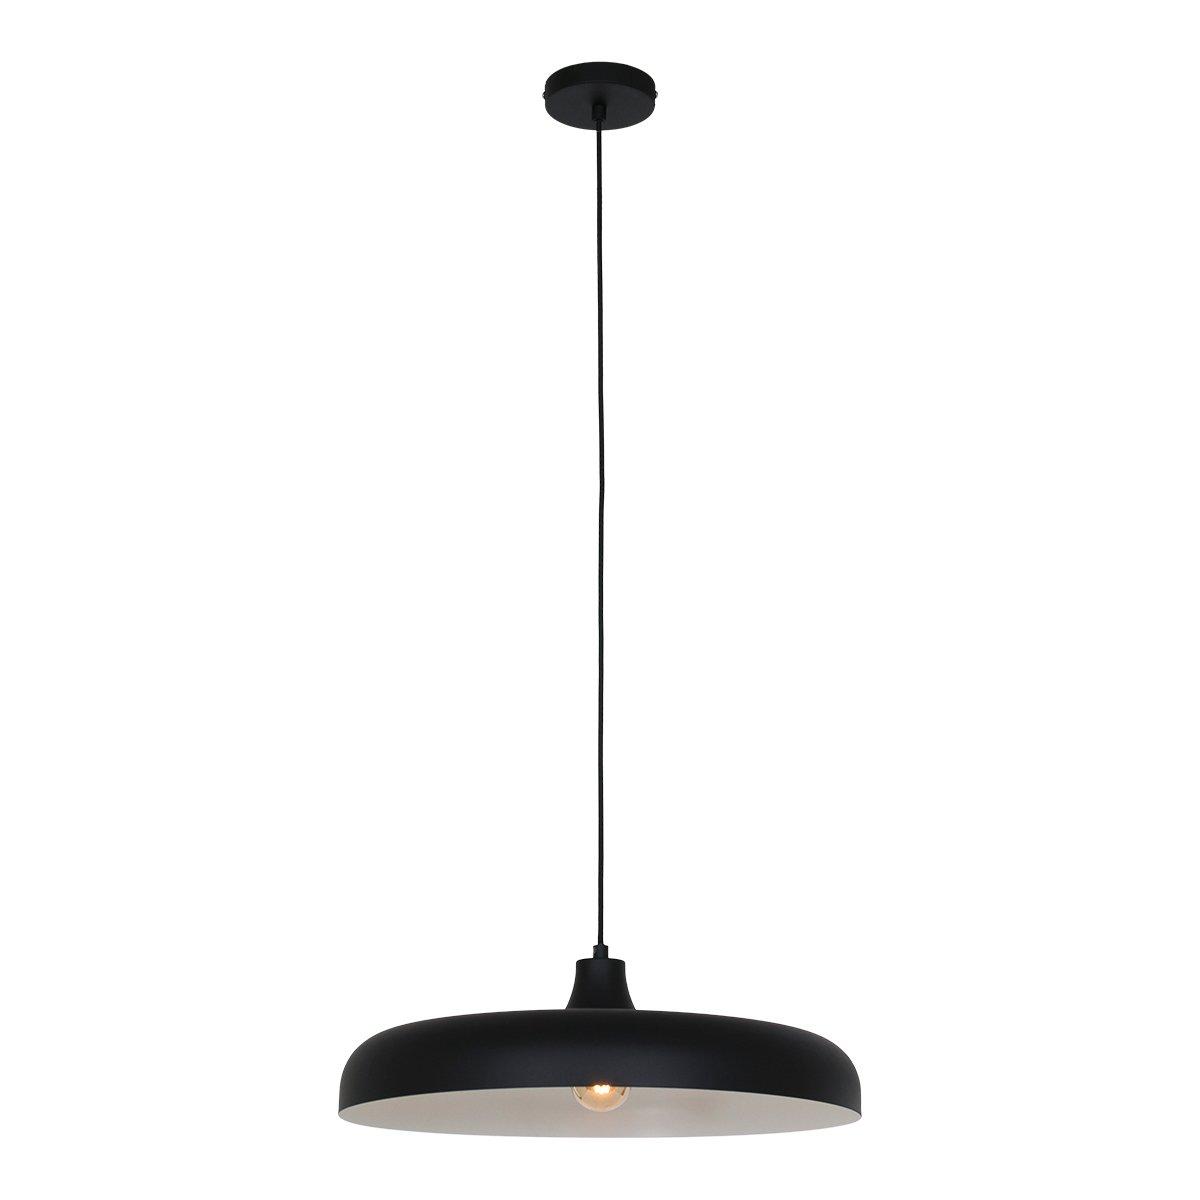 Hanglamp Steinhauer Krisip Zwart